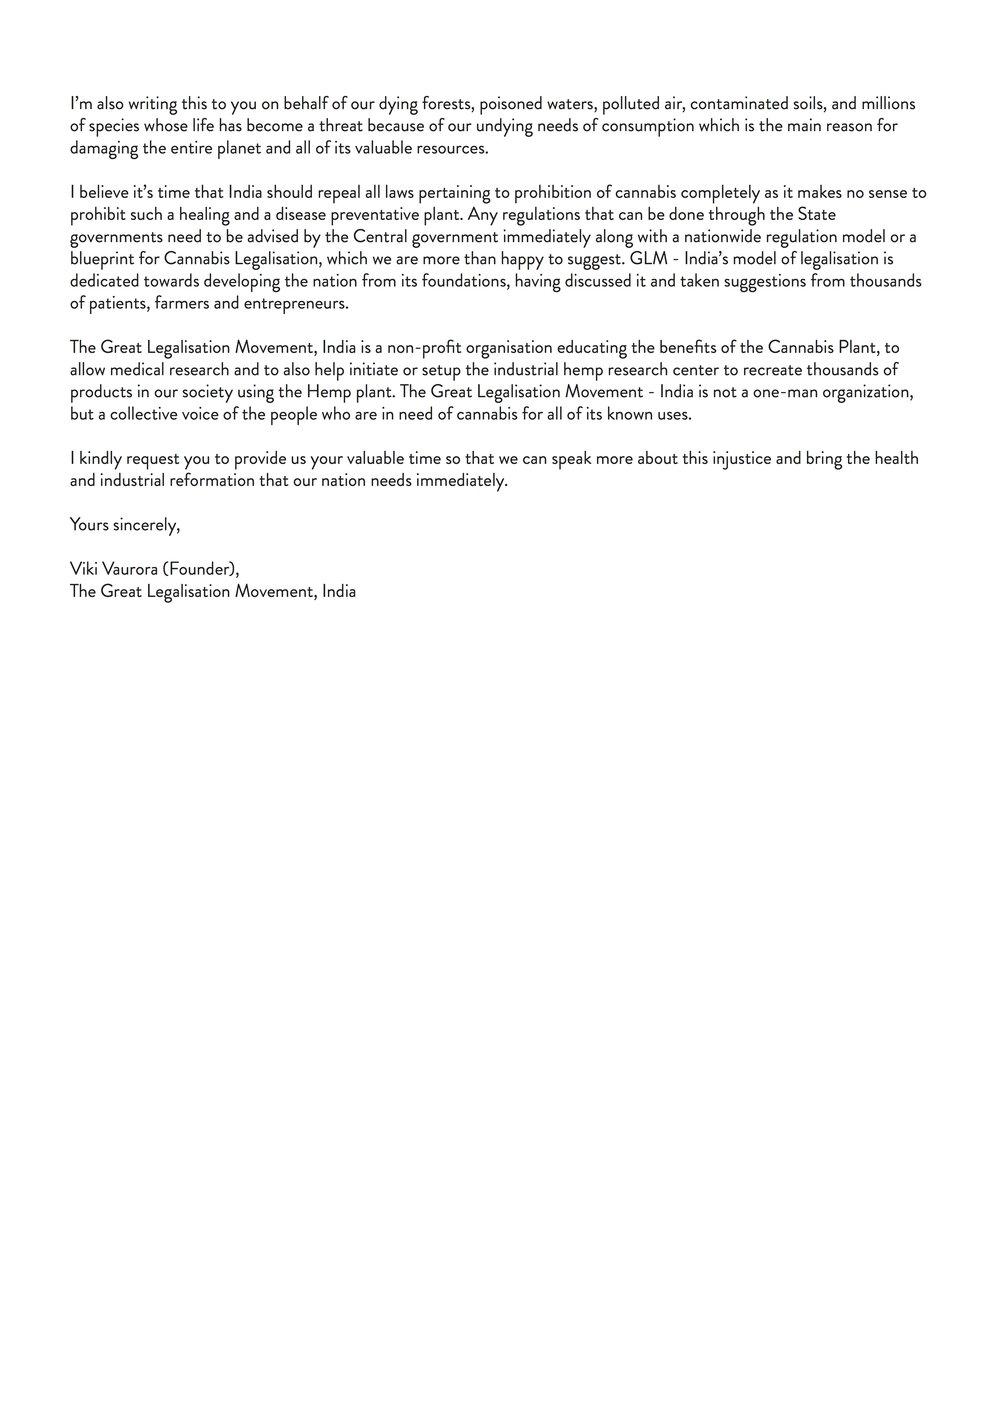 Modi-Letter-pg3.jpg